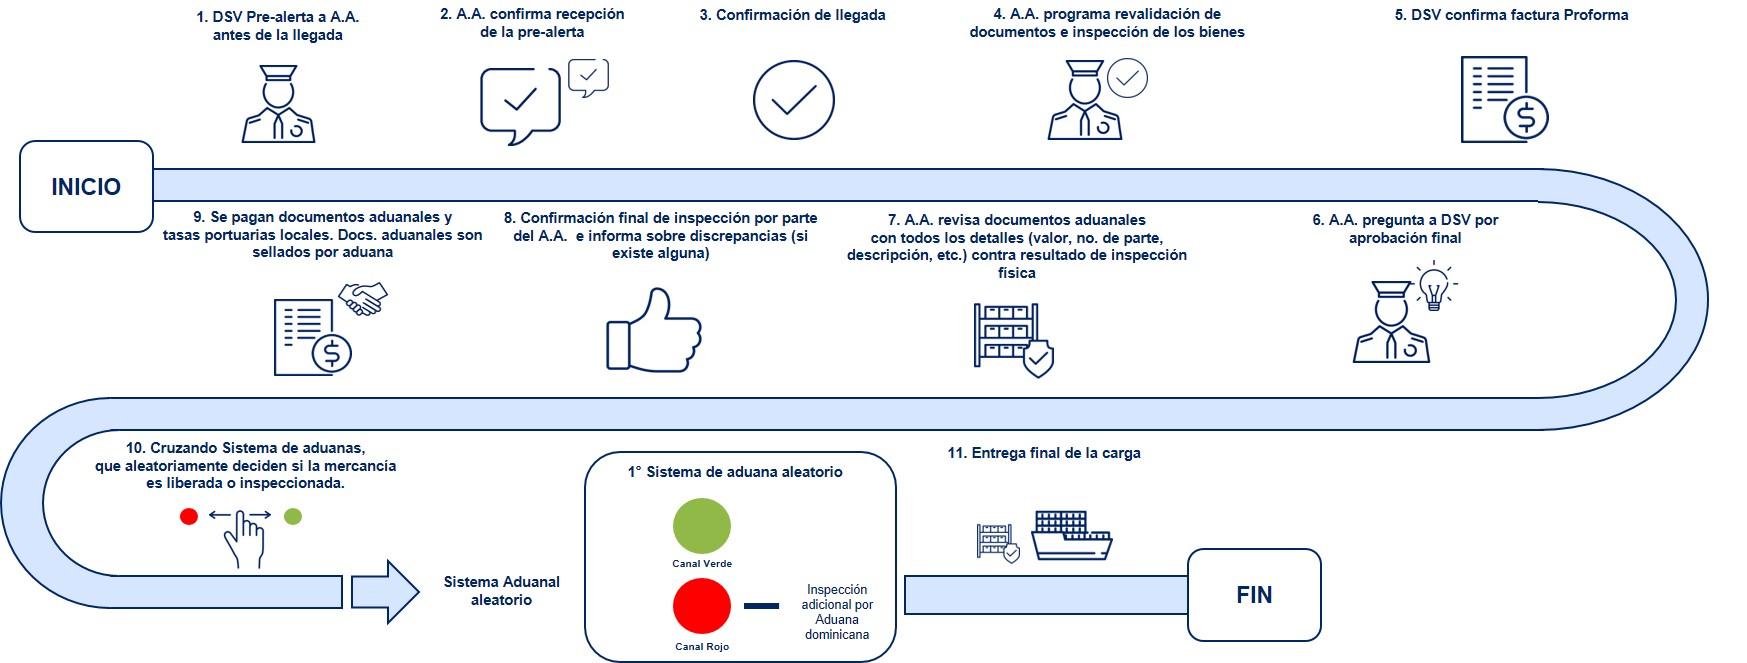 Republica Dominicana Diagrama de flujo Despacho de Aduanas Importacion Maritima